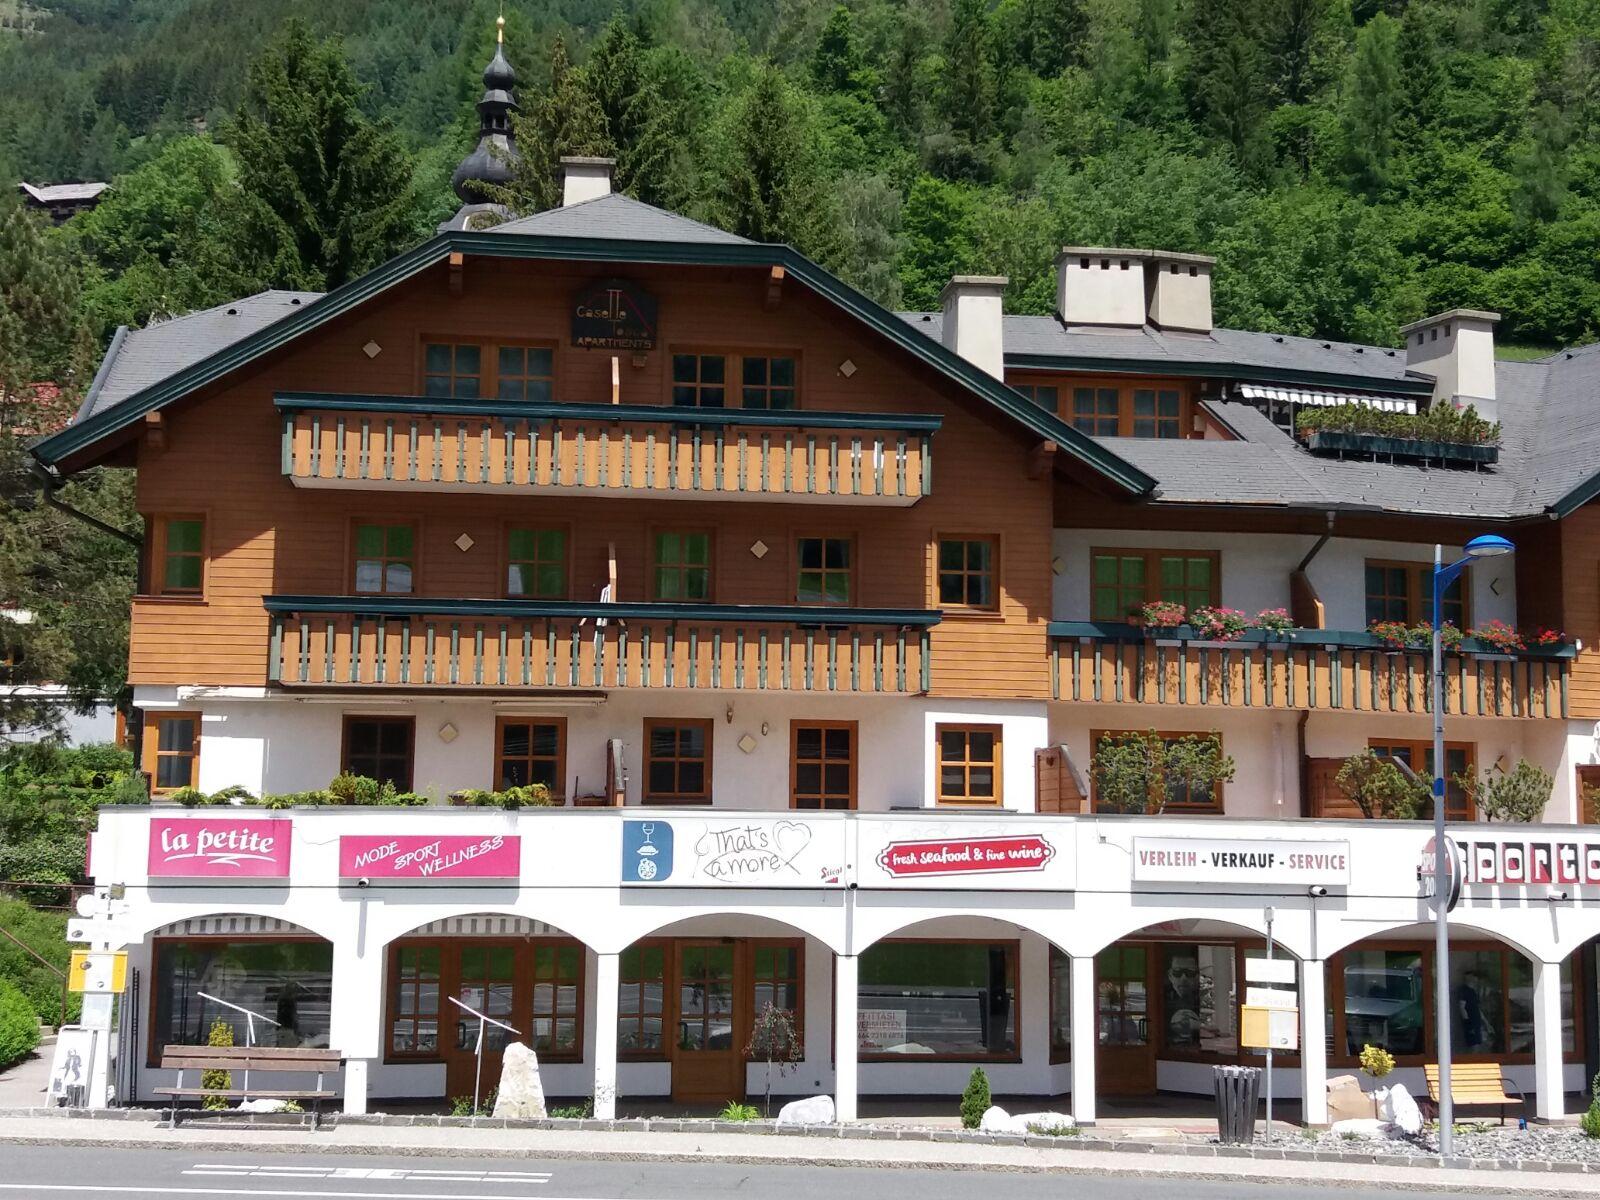 Bad Kleinkirchheim, Kaernten, INVESTITIONSOBJEKT TOSCA, gegenueber Roemertherme, Kaiserburg